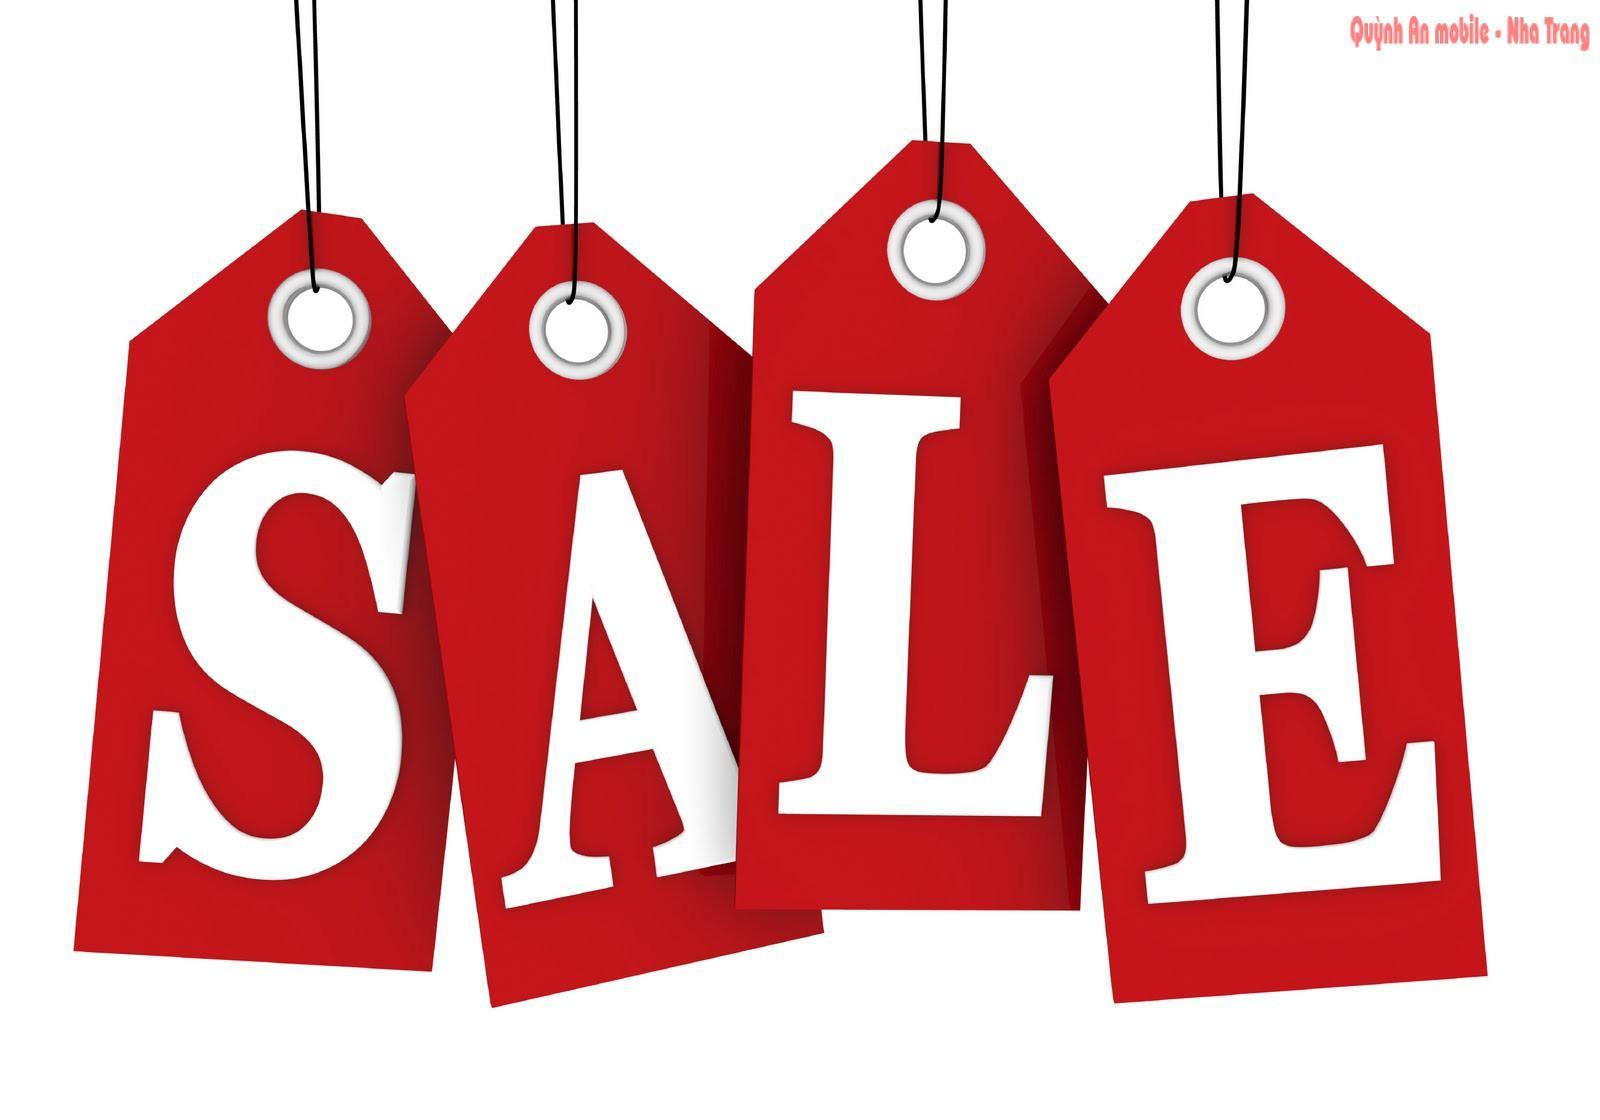 Sale off Quỳnh An Mobile